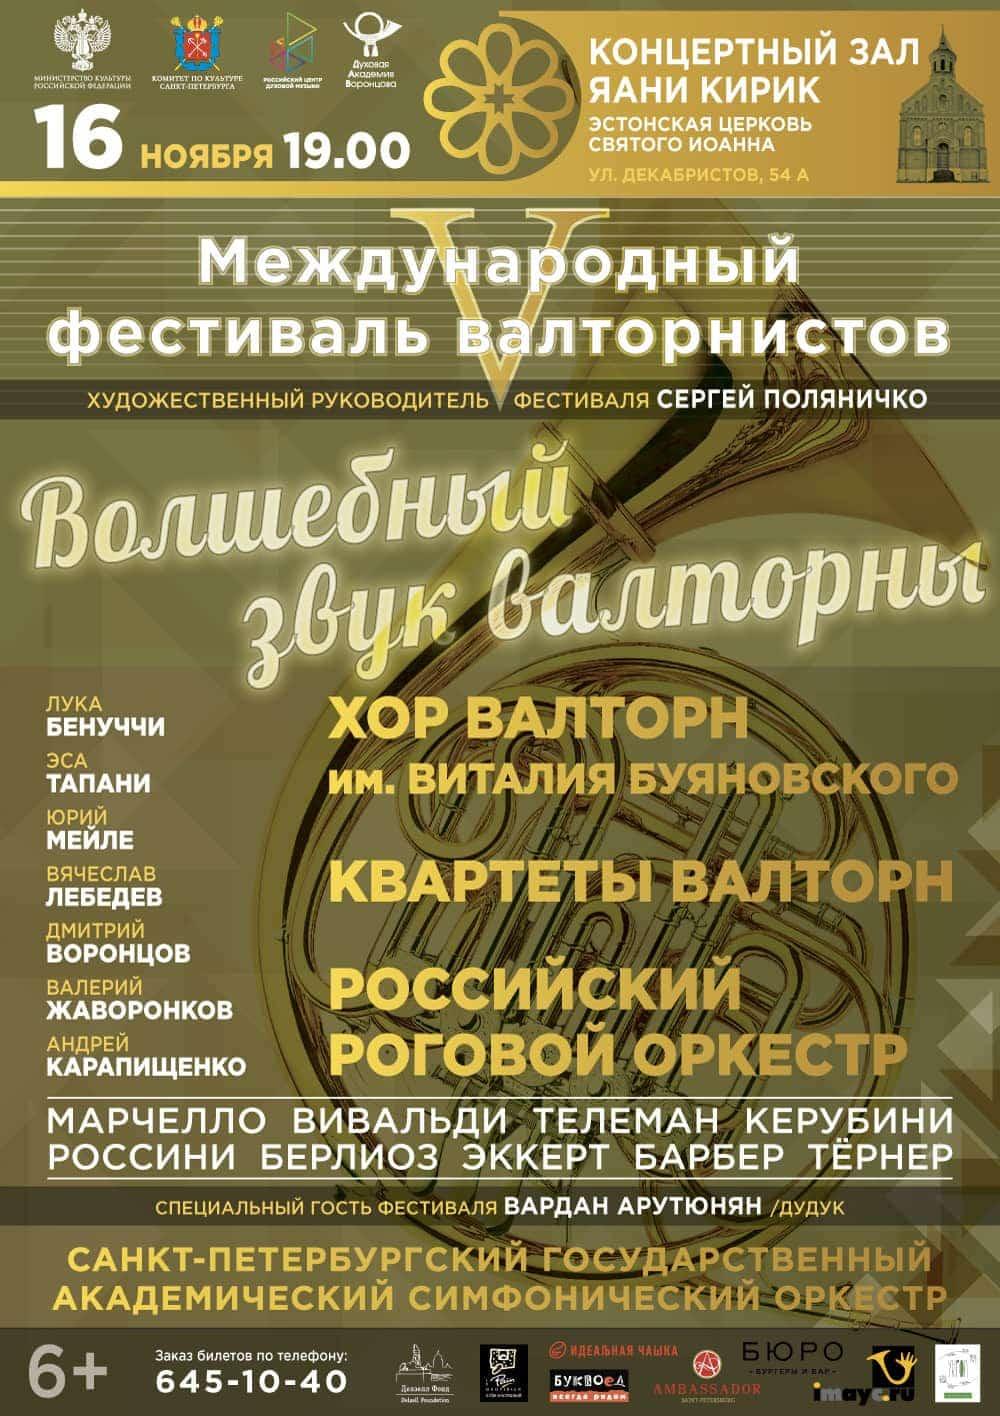 V Международный фестиваль валторнистов